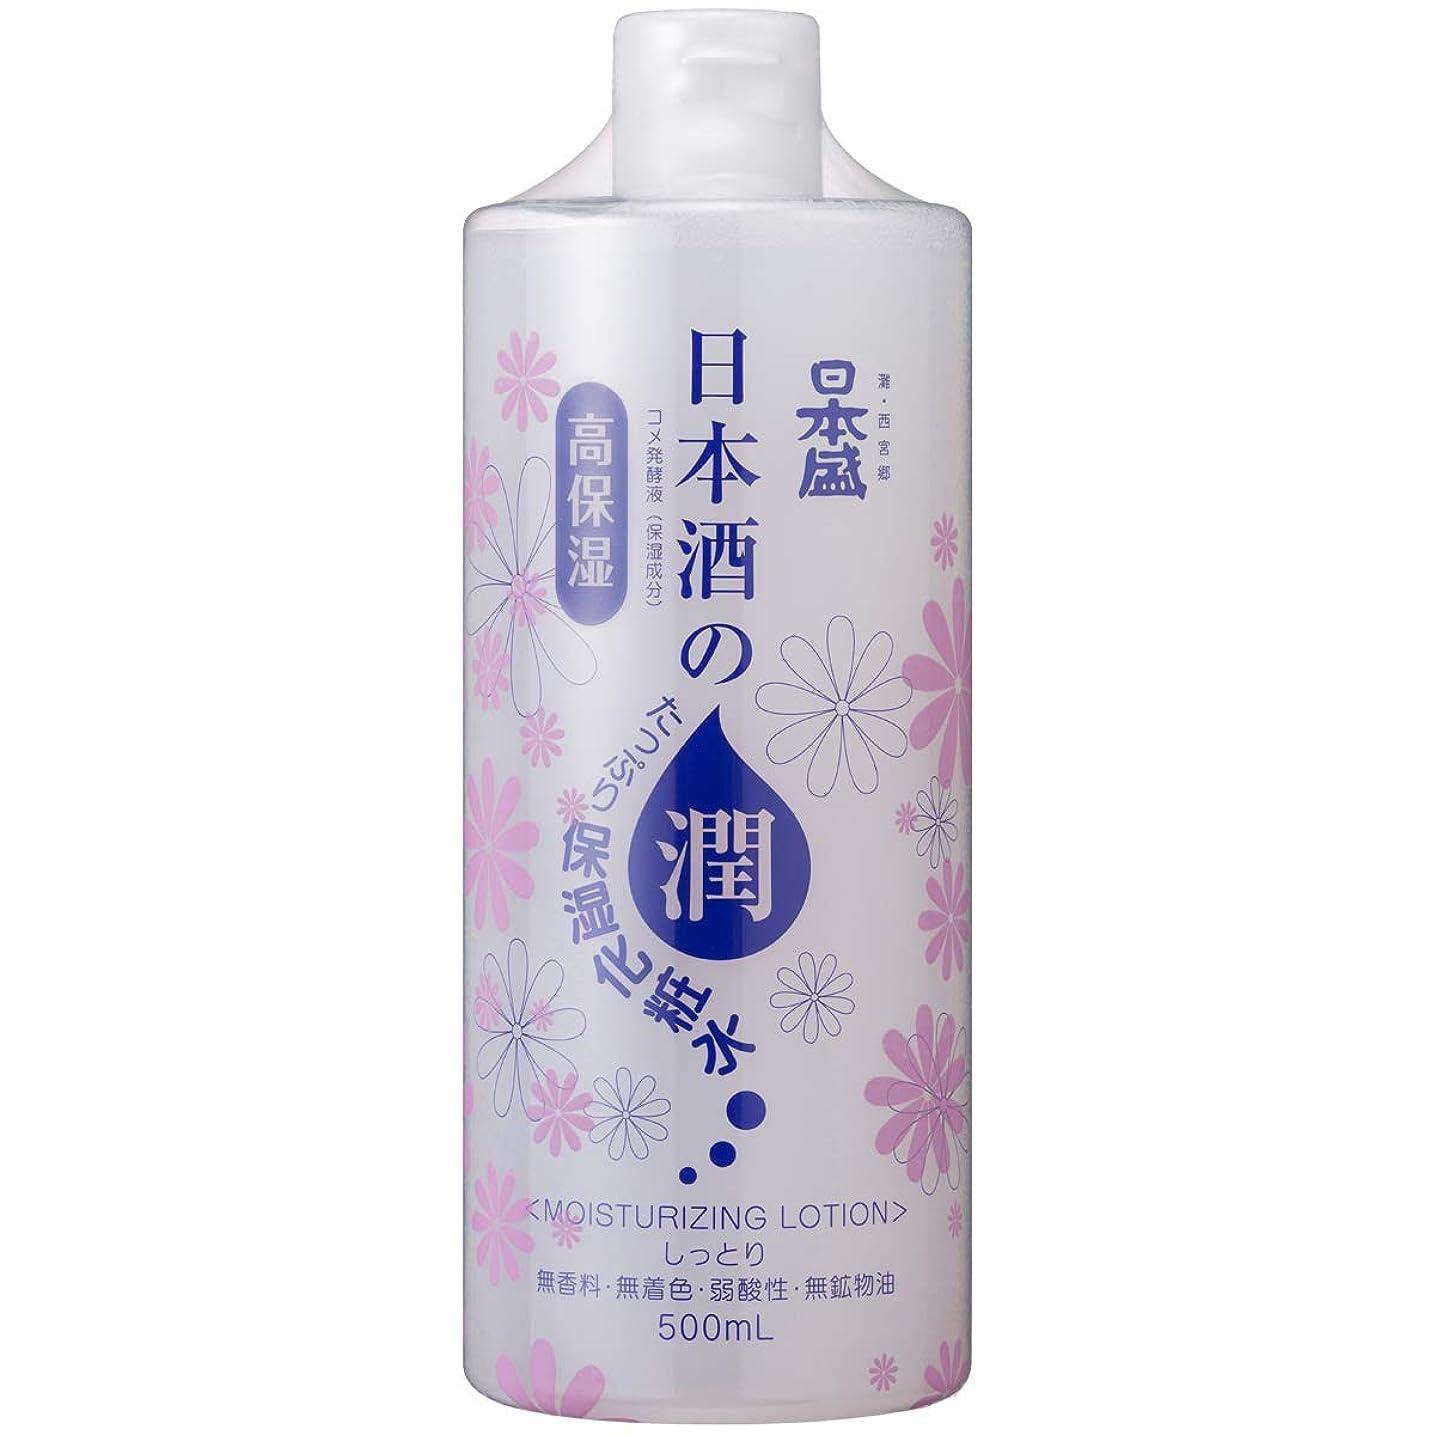 プール差別化する気難しい日本酒の保湿化粧水 しっとり 500mL